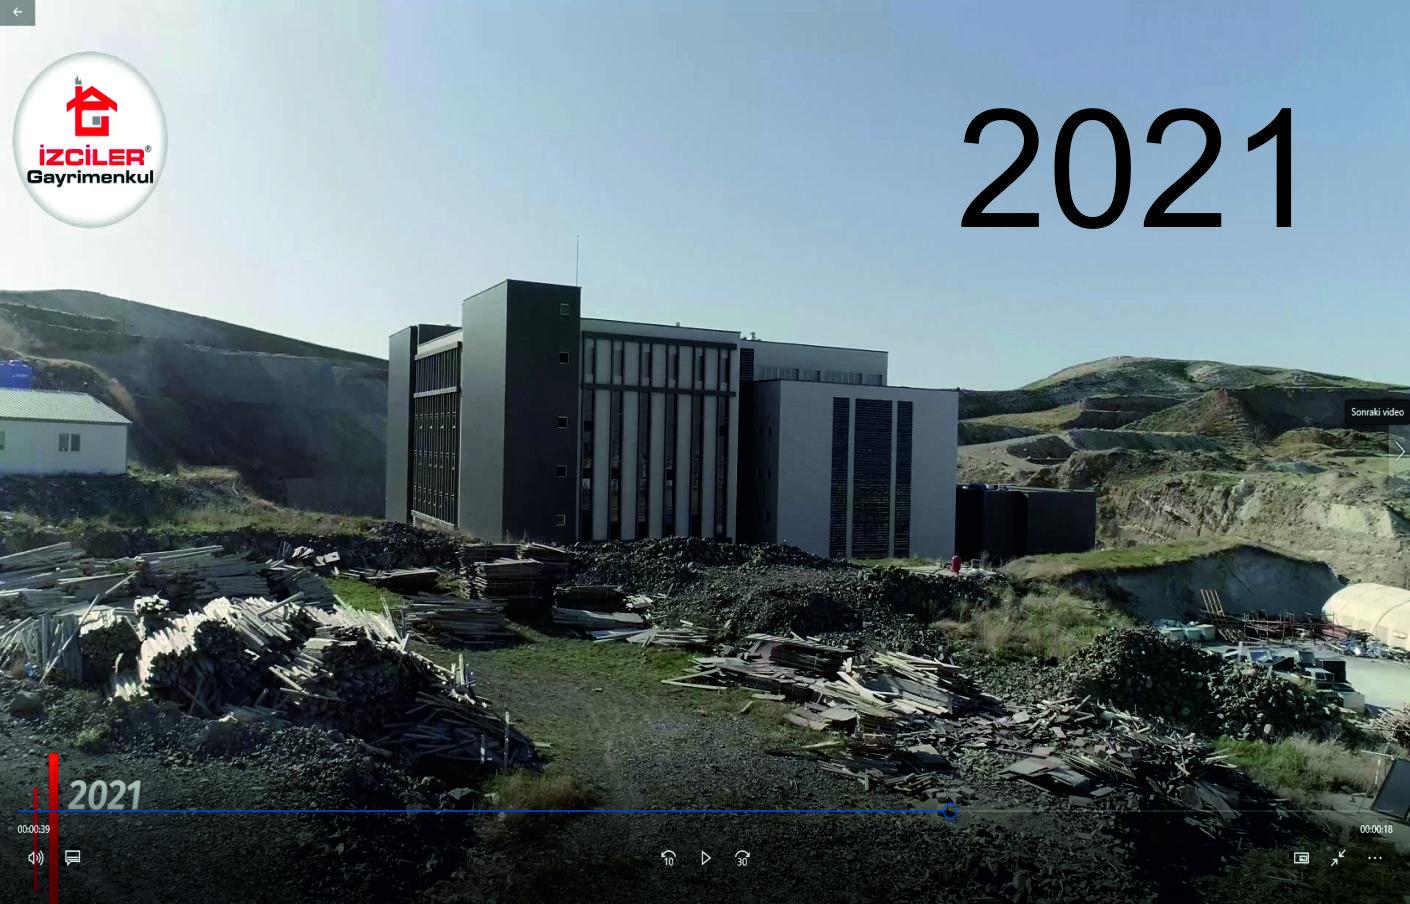 Ankara Üniversitesi  Ankara'nın gözbebeği Bağlıca'da dünya çapında bir sağlık Merkezi yükseliyor.